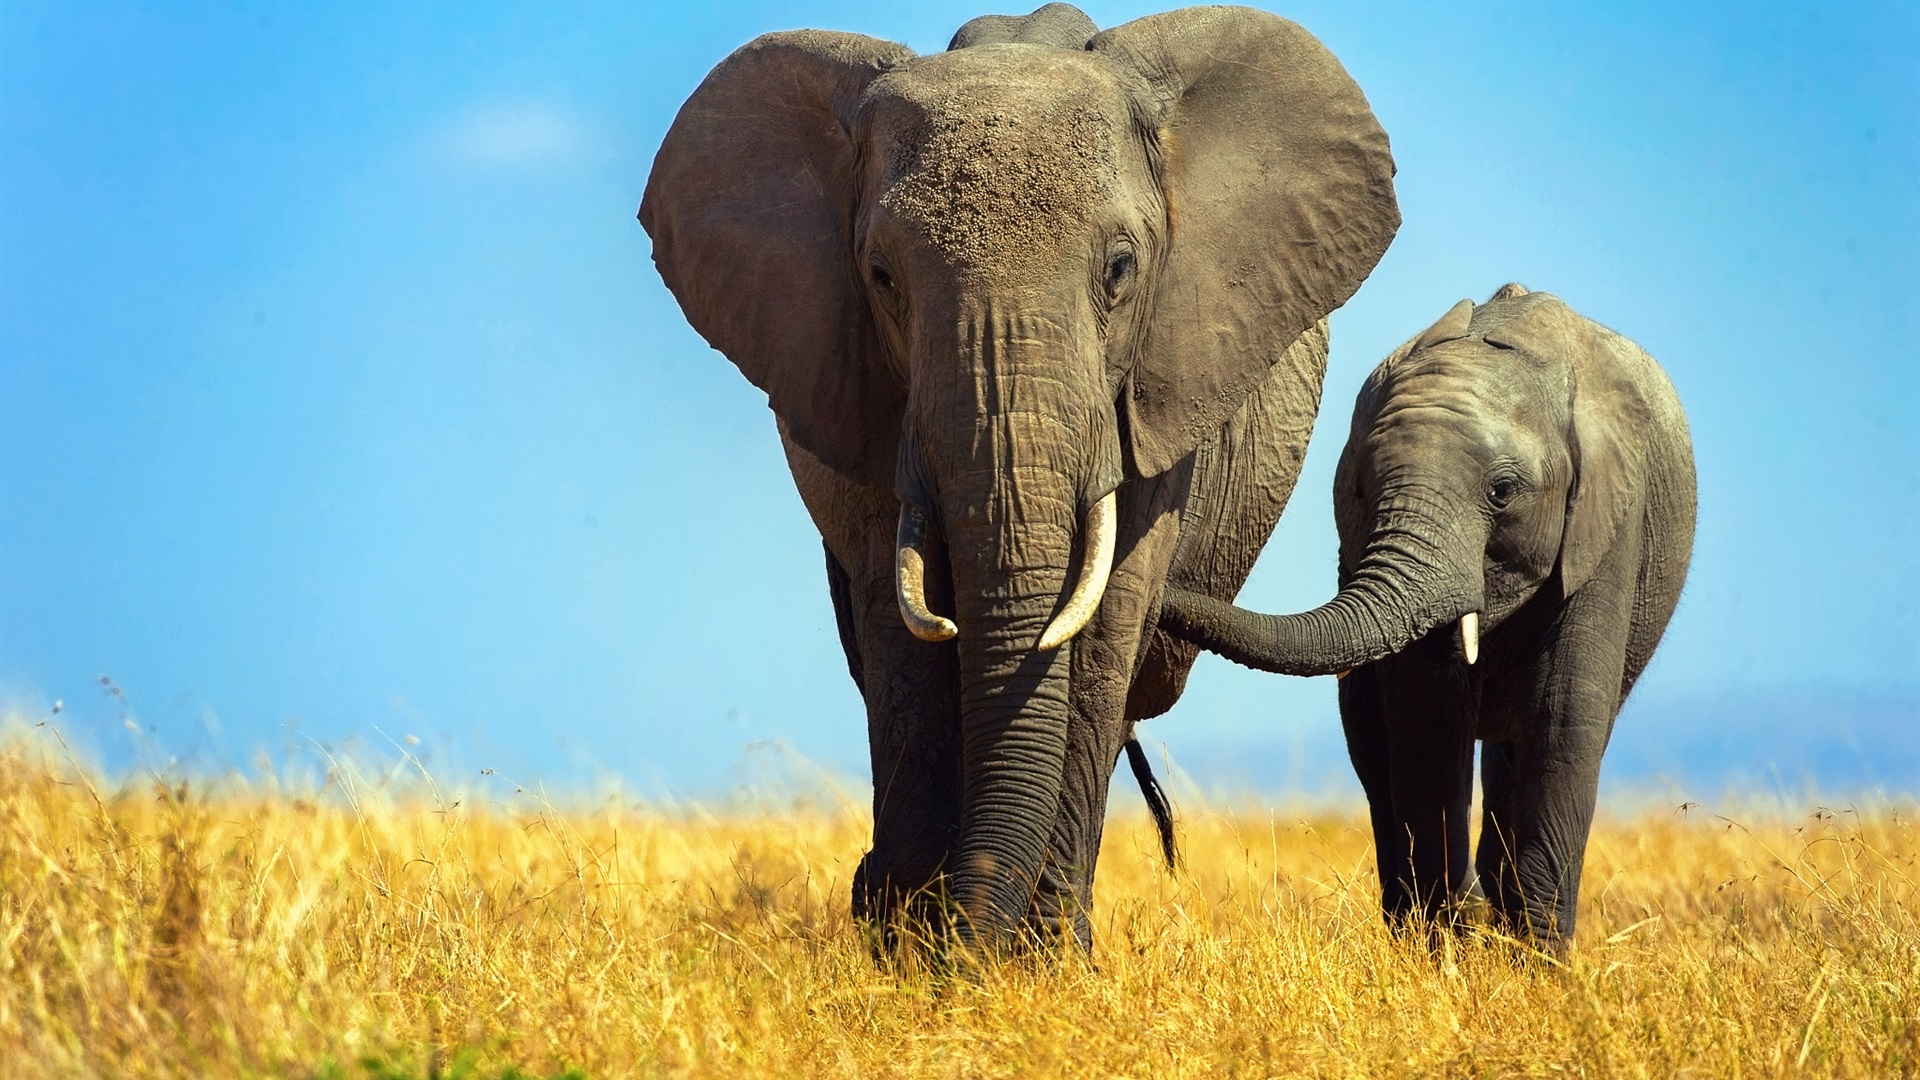 Травоядный великан - слон